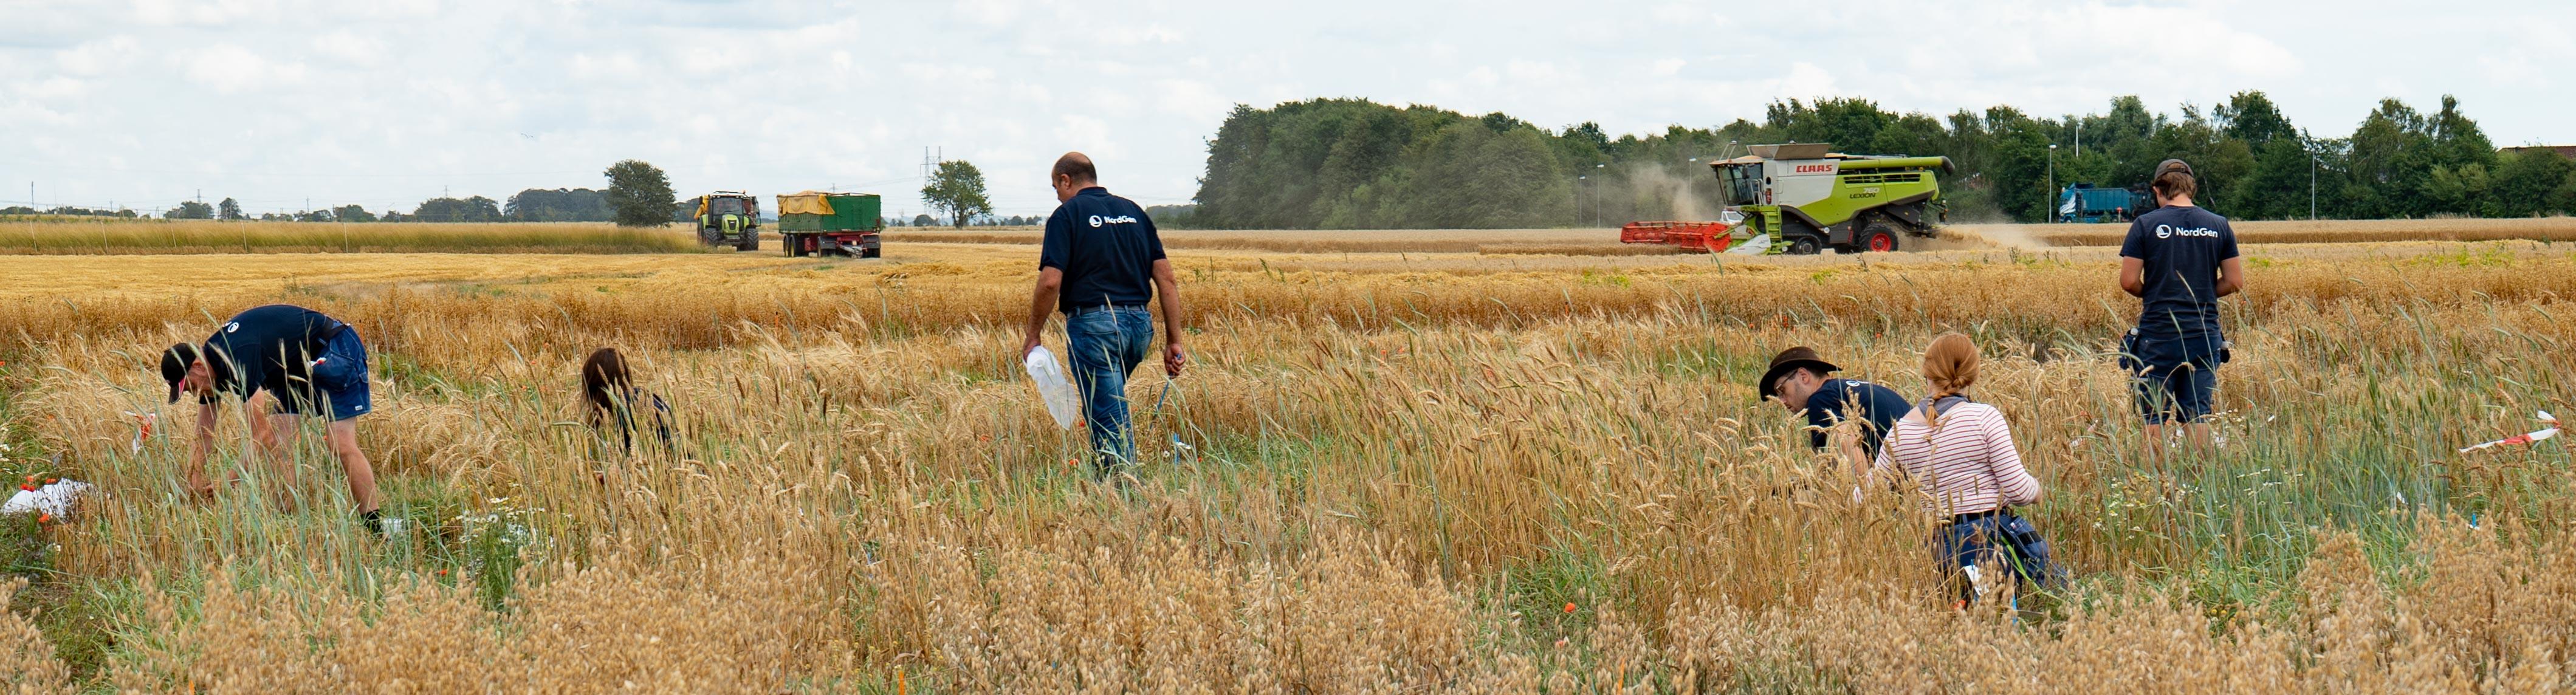 Flera personer arbetar på en åker med att samla in spannmål.